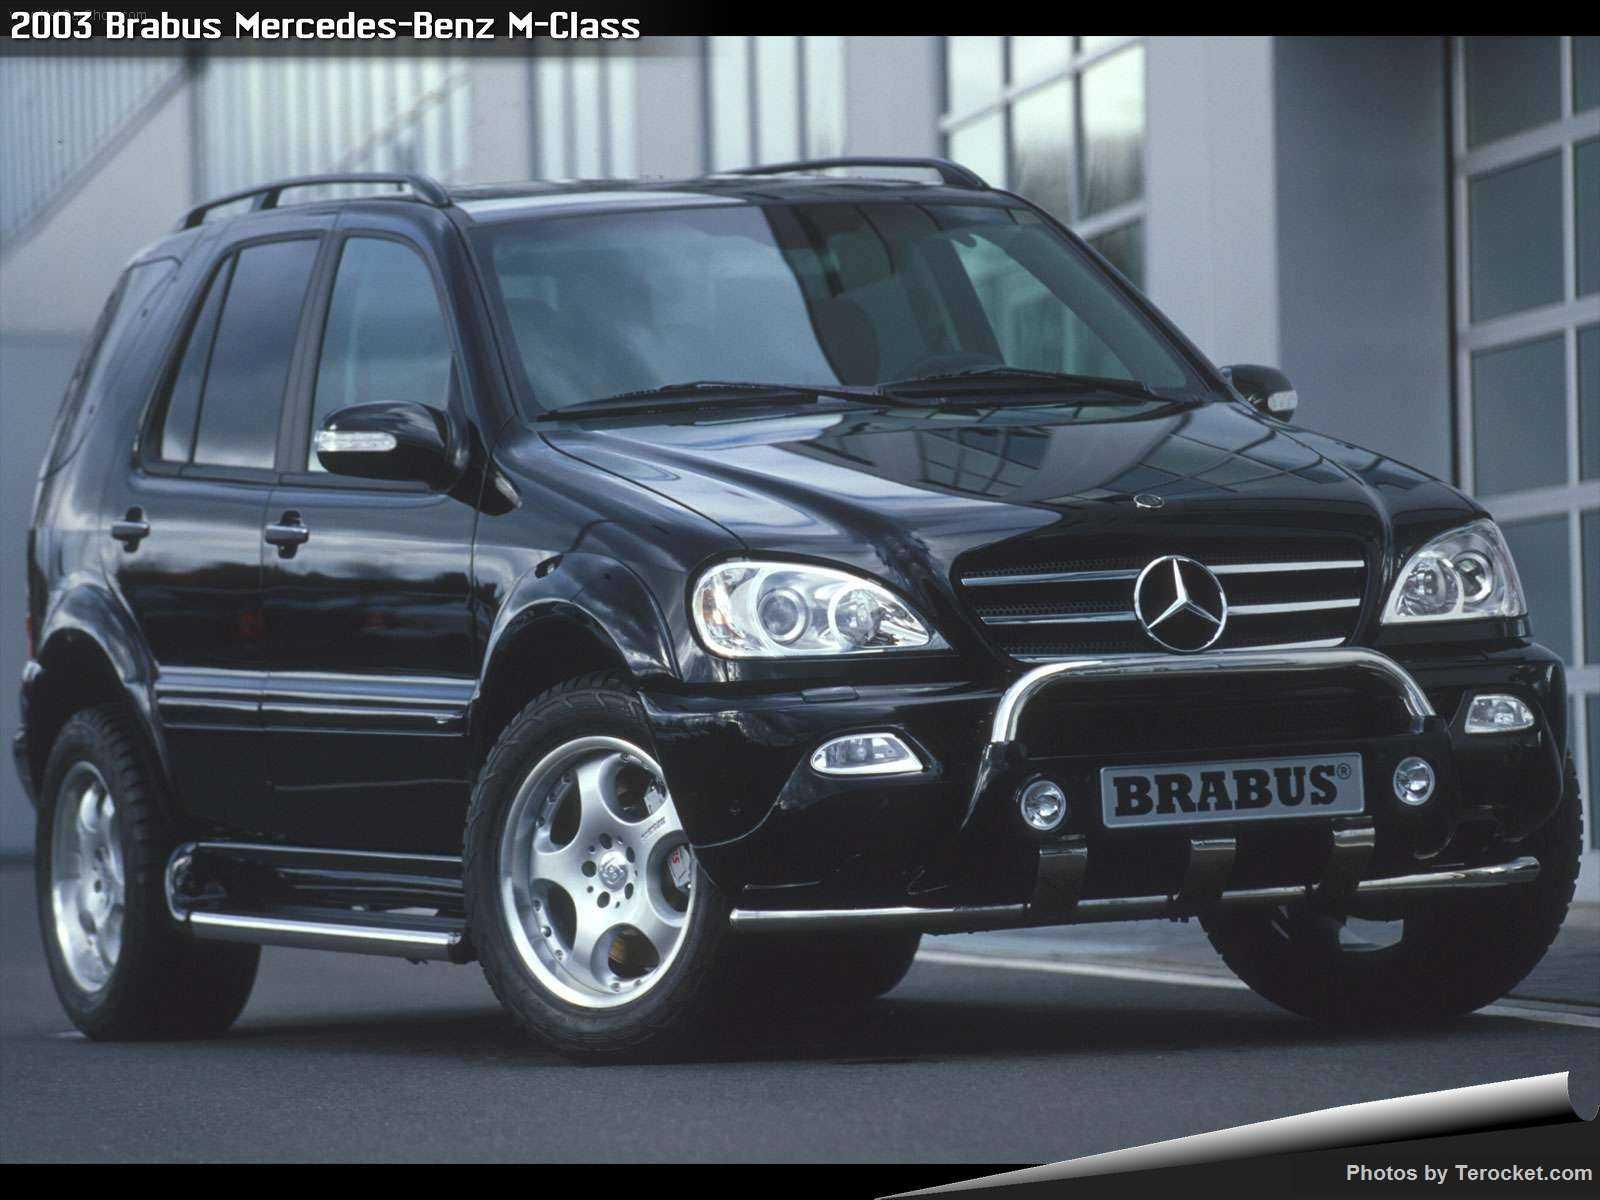 Hình ảnh xe ô tô Brabus Mercedes-Benz M-Class 2003 & nội ngoại thất